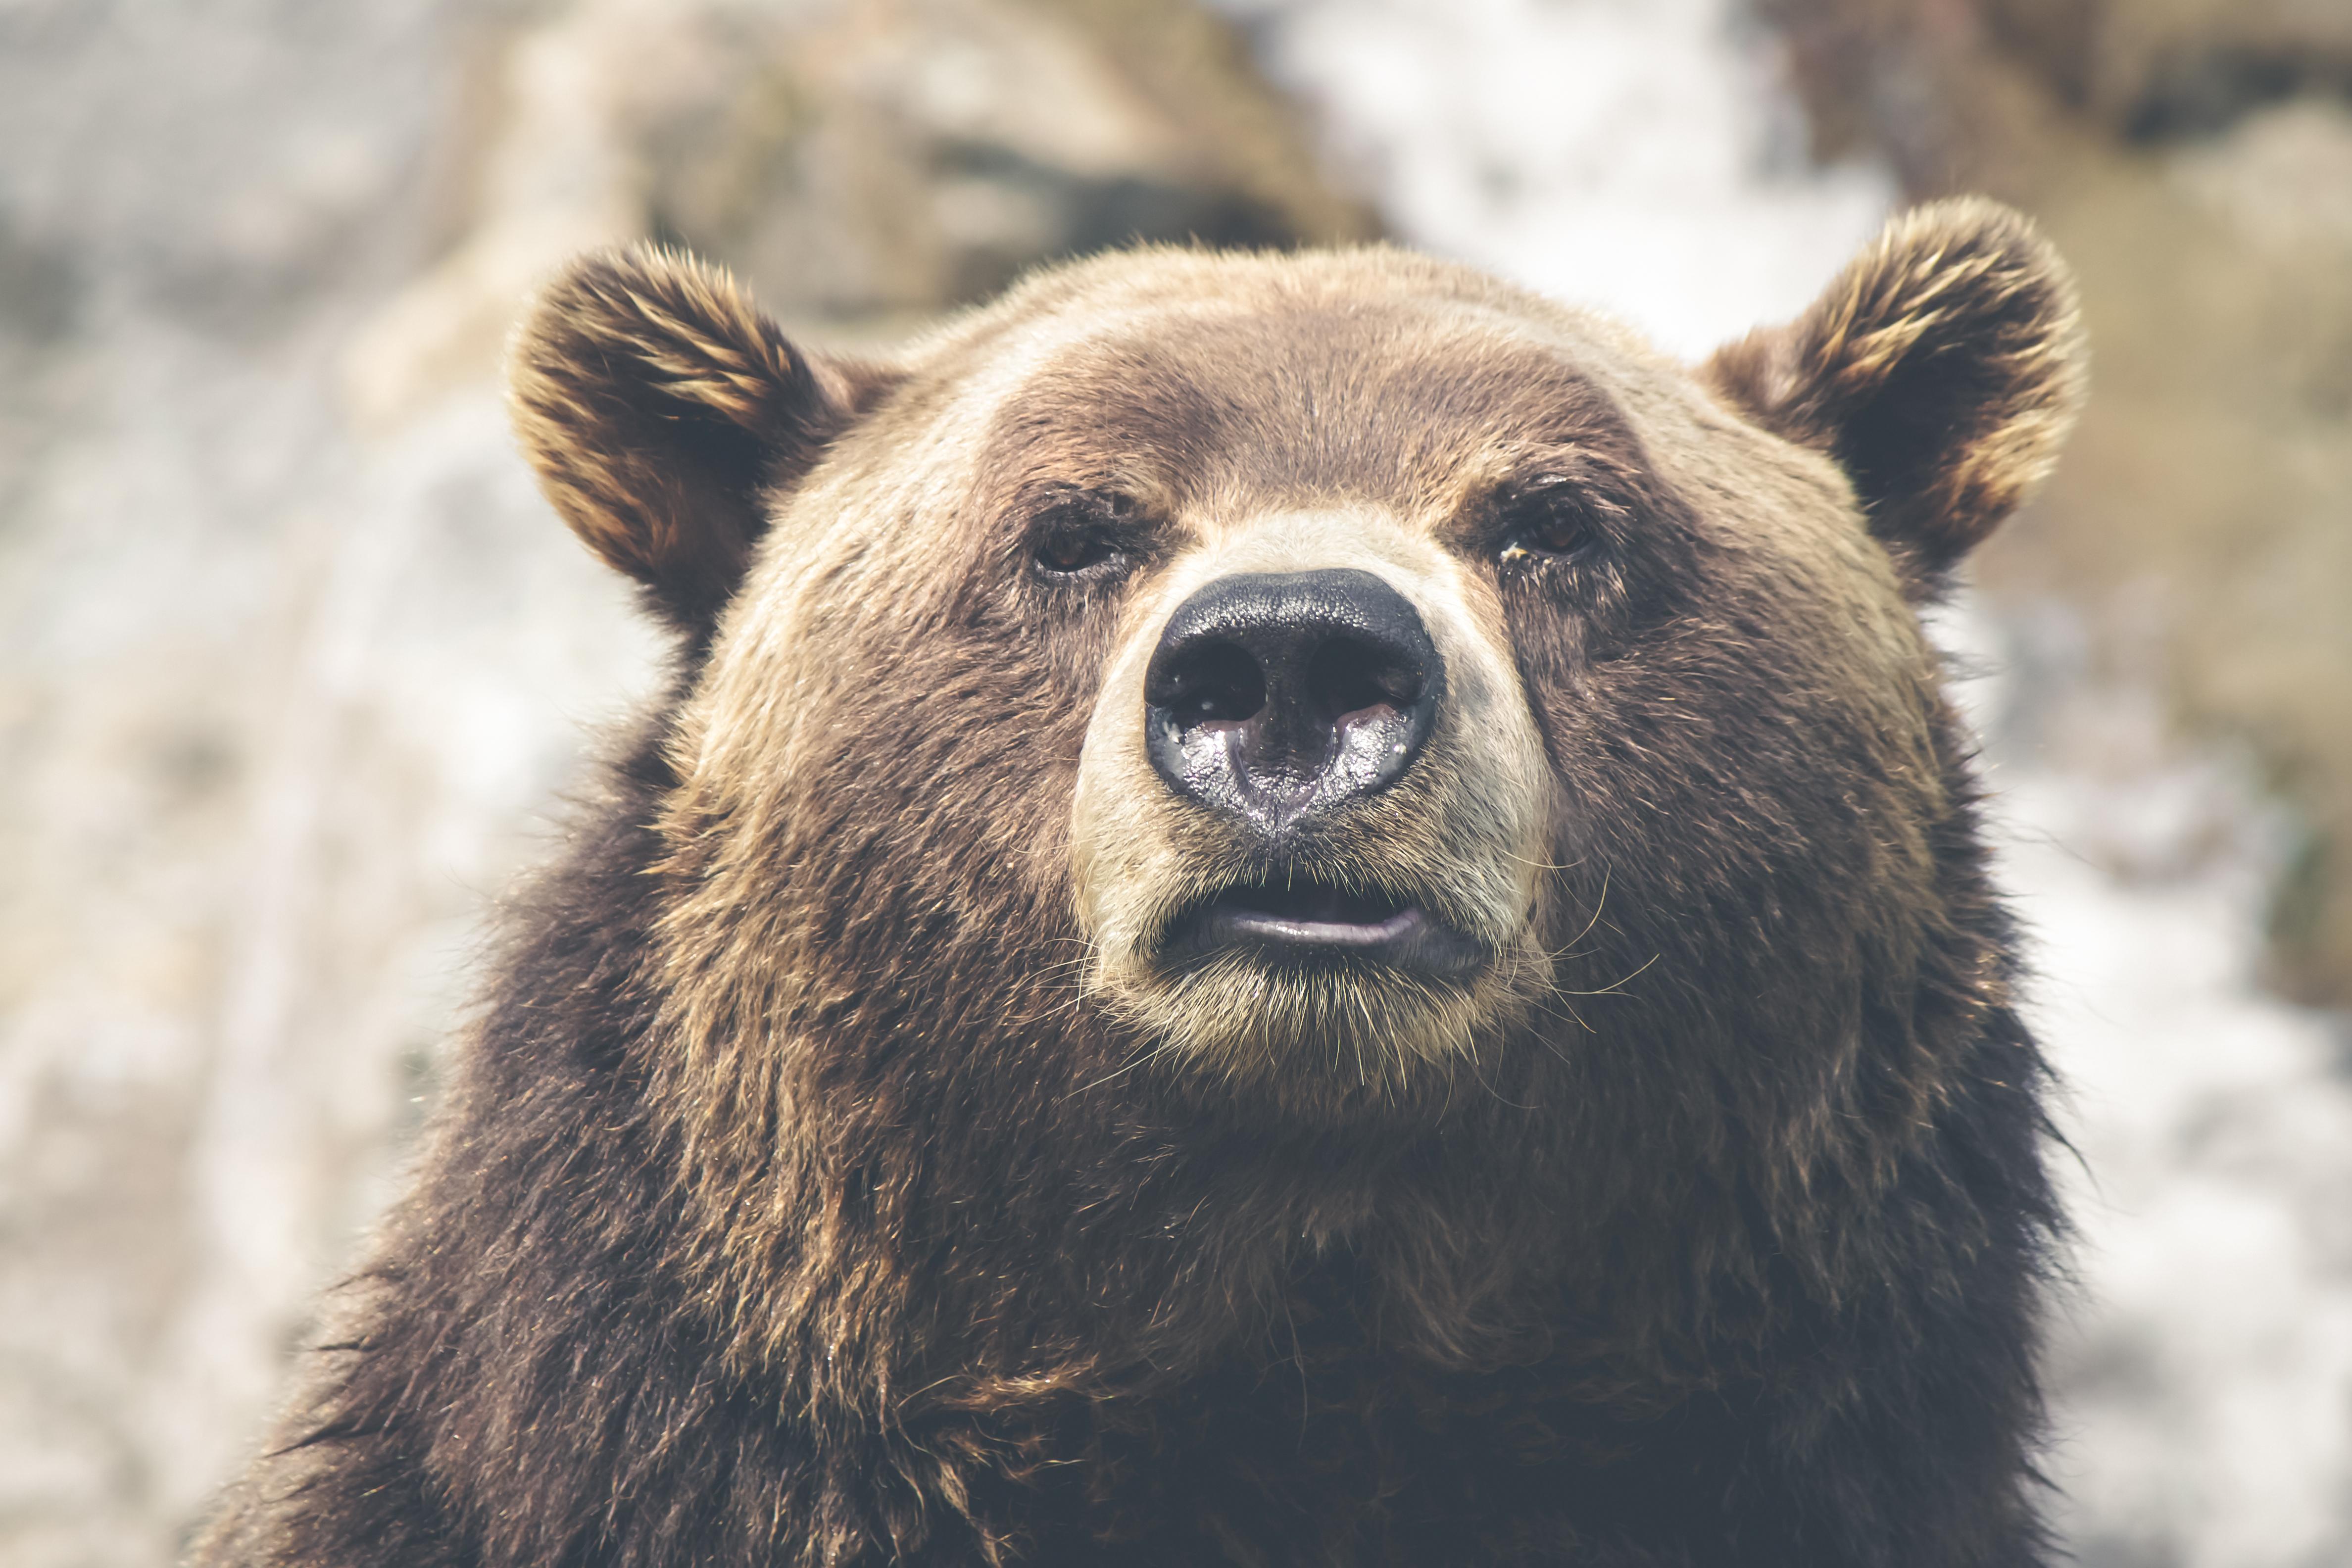 Liberté Pour Les Ours ! - La Fondation Droit Animal, Ethique concernant Ours Savant